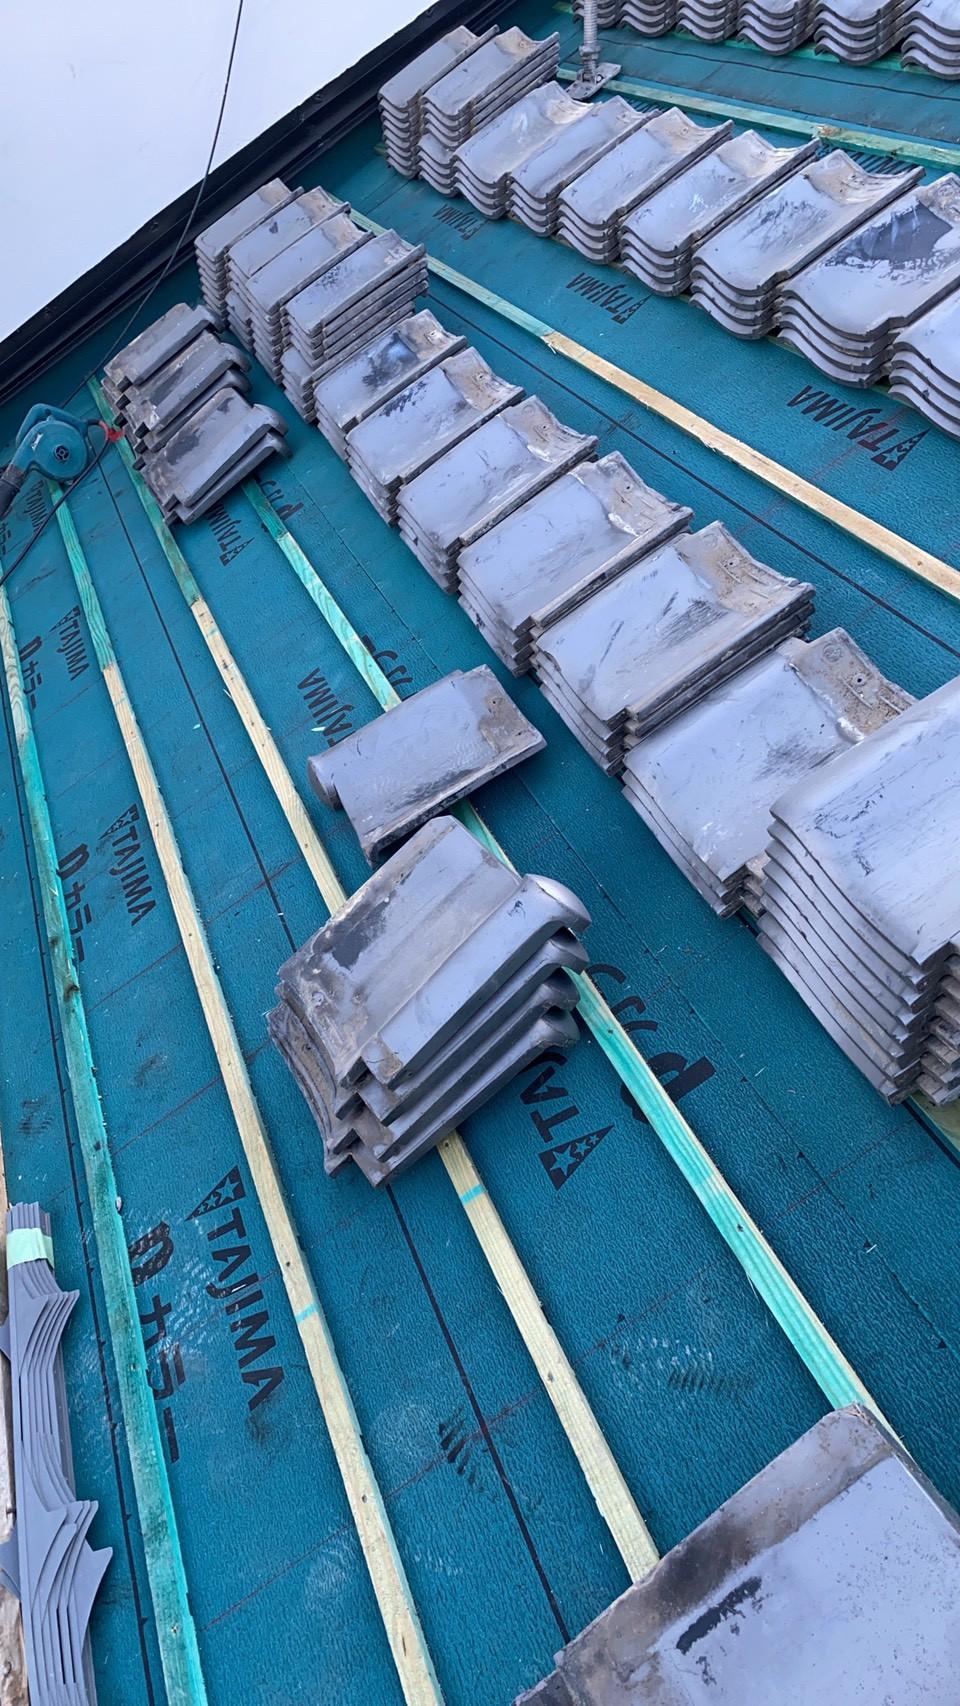 既存の瓦屋根を葺き直すために並べている様子